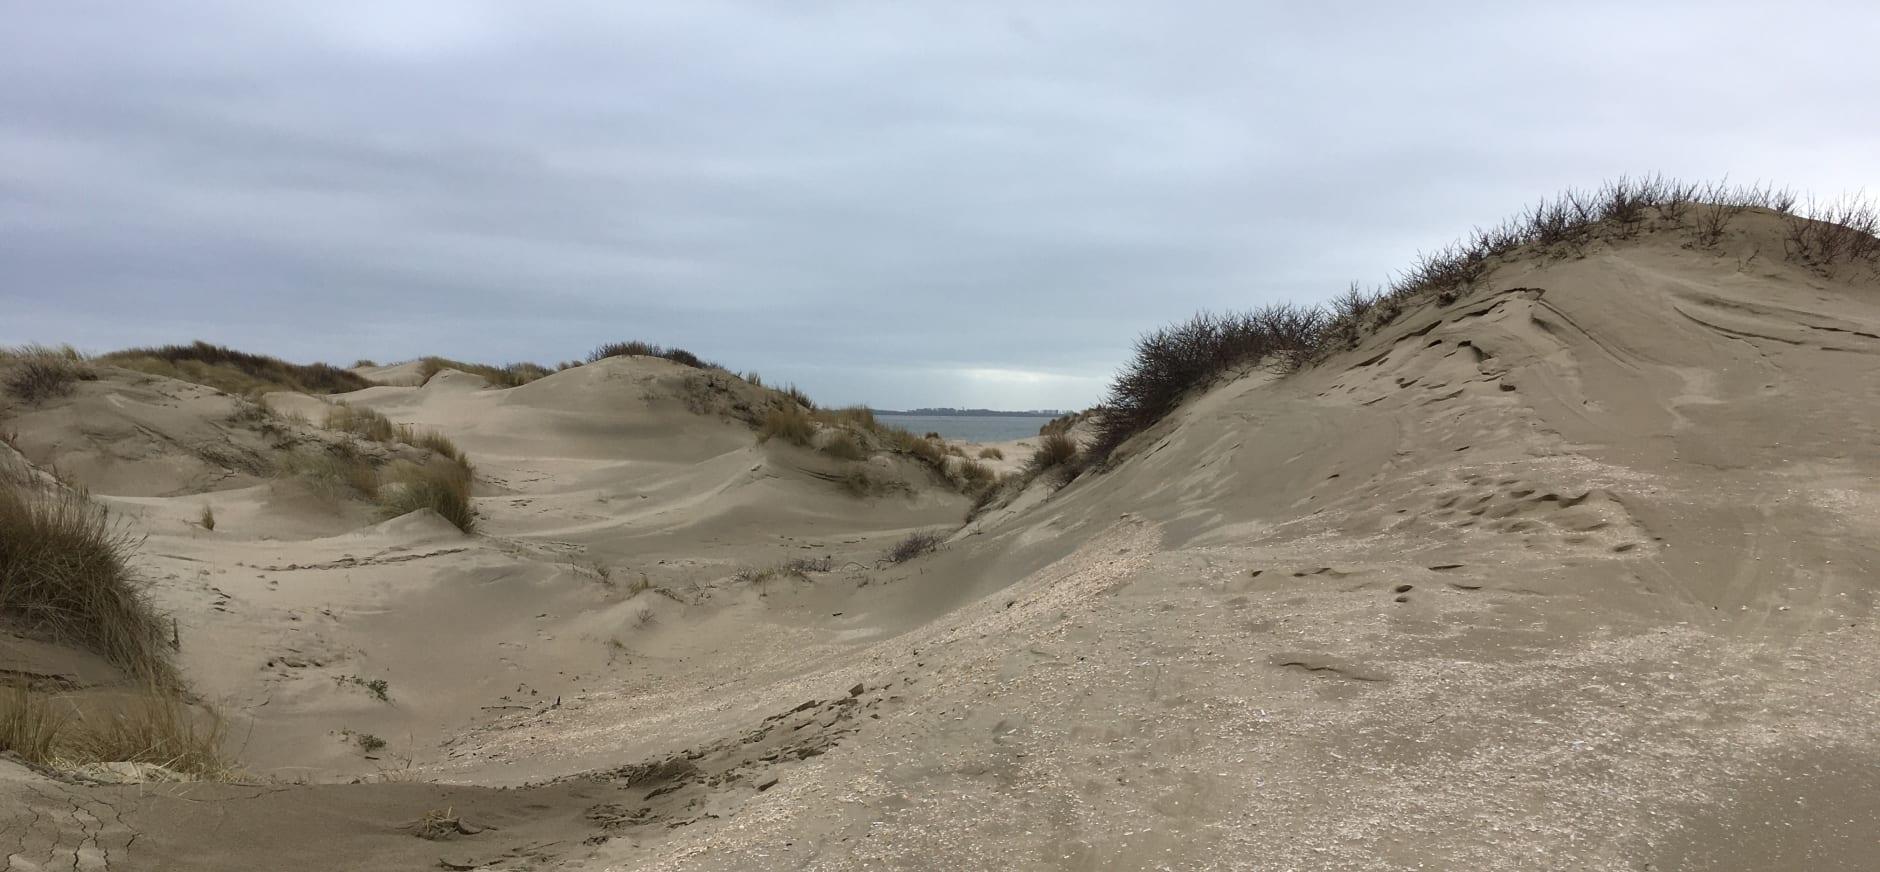 Strandovergang Voornes Duin